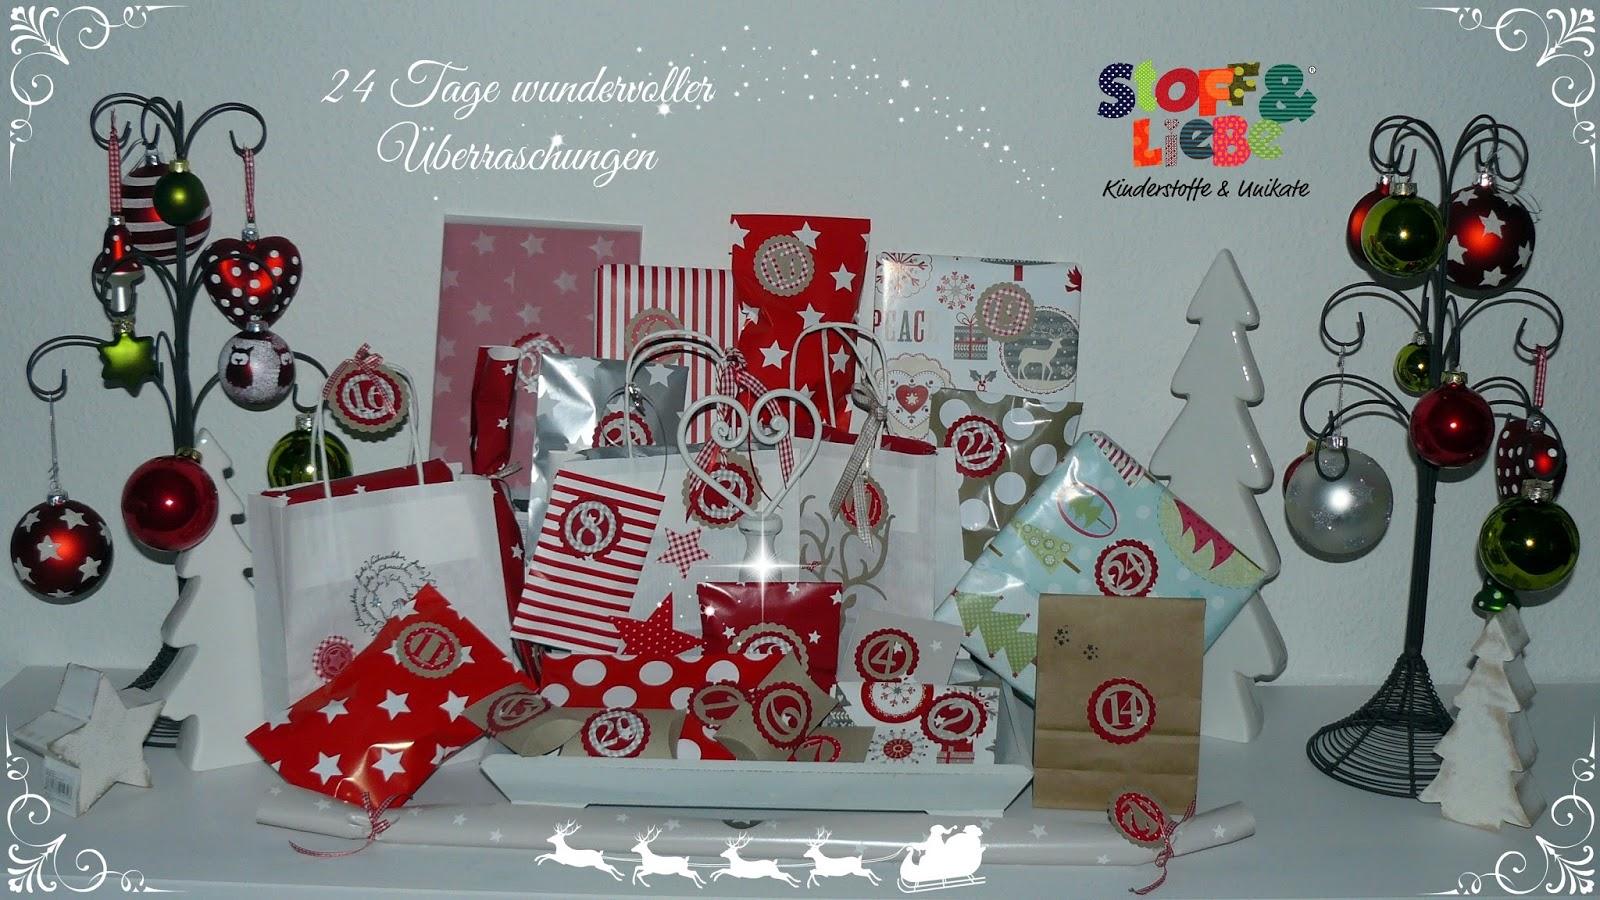 Und Wir Haben Uns Zudem Gaaaanz Viel Mühe Beim Verpacken Gemacht, So Dass  Euer Adventskalender Eine Wunderschöne Dekoration Ergibt!